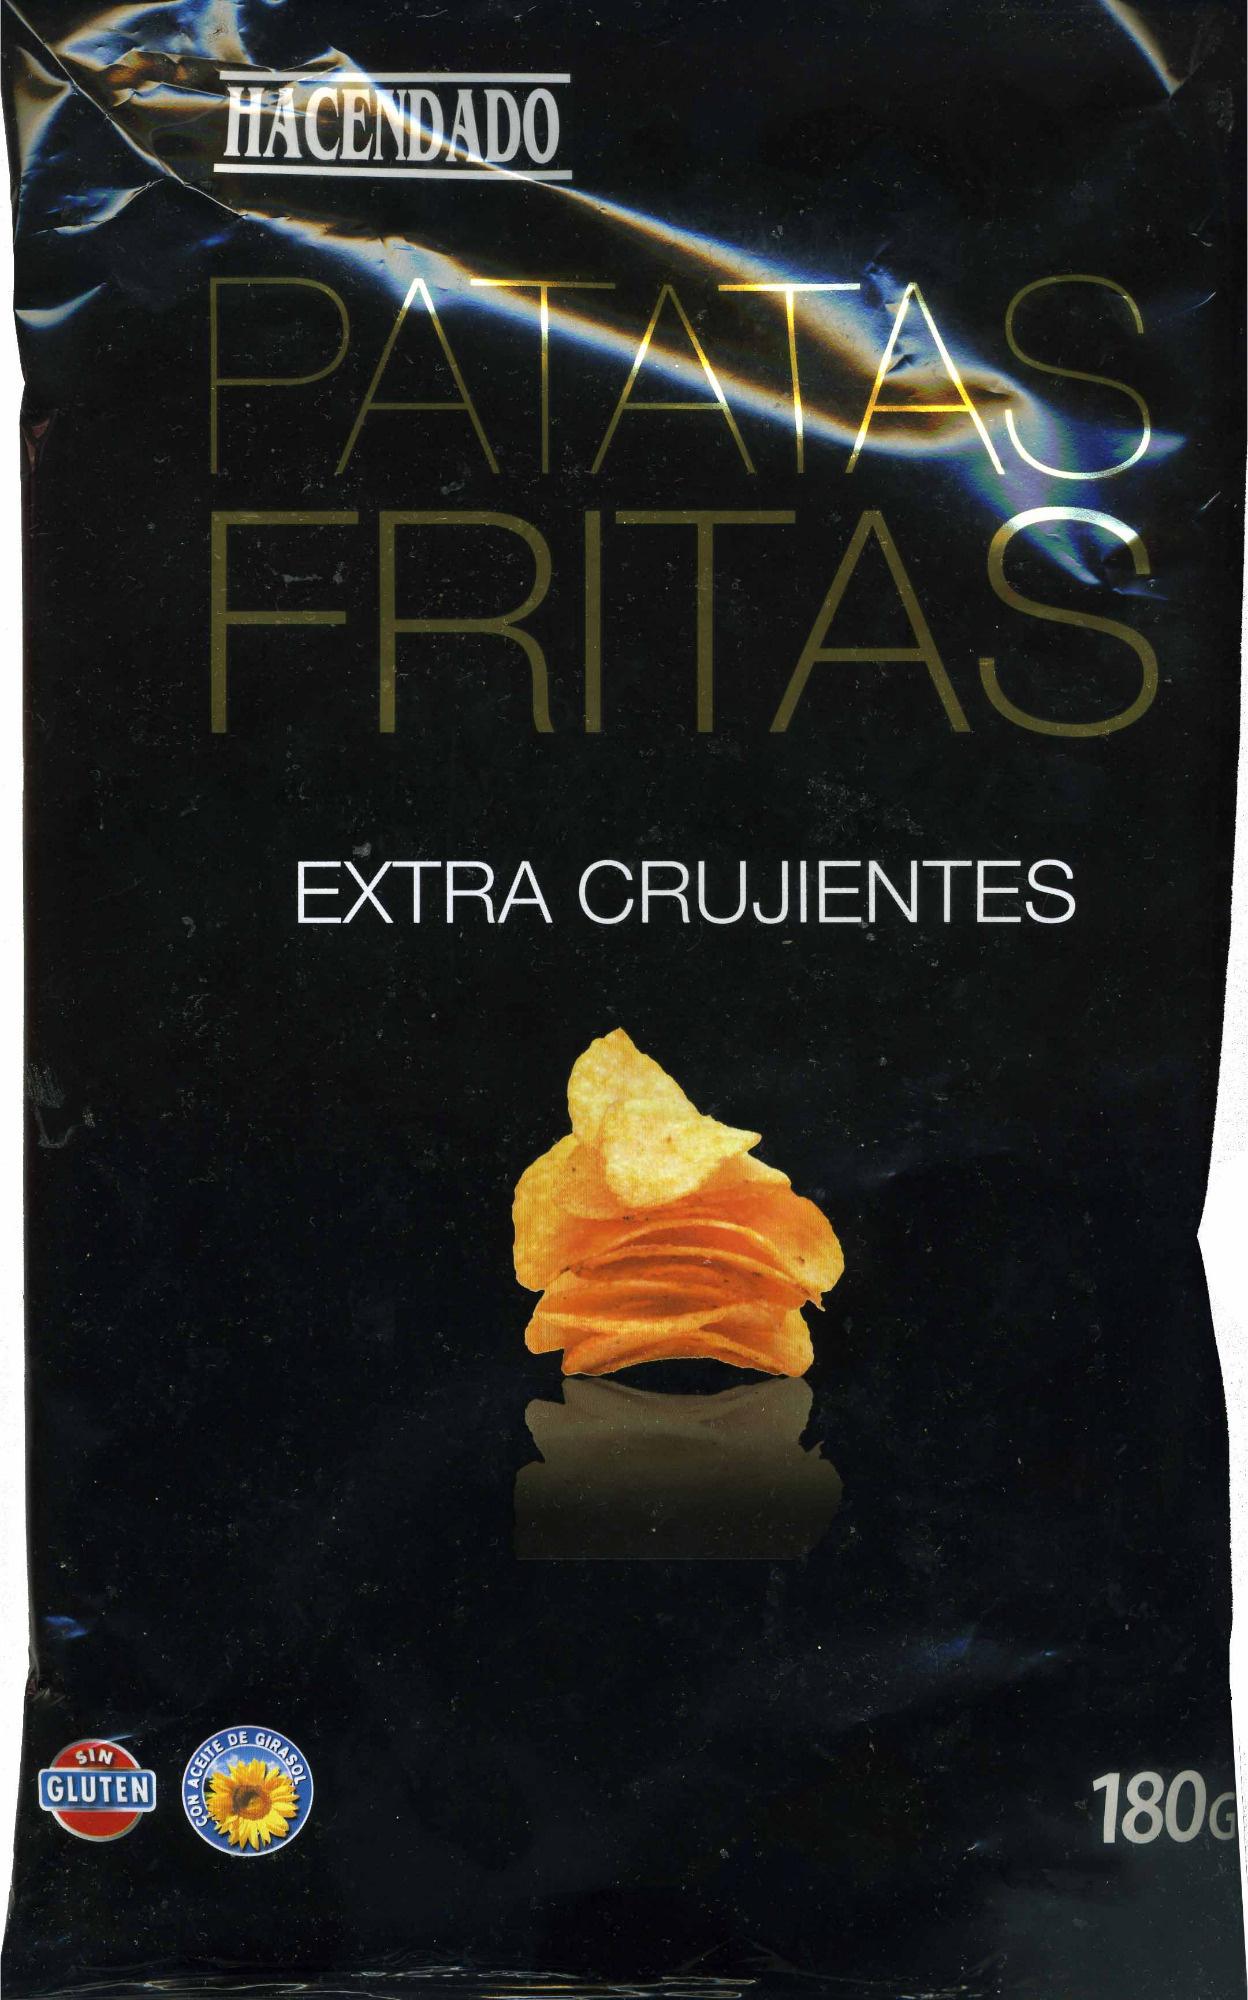 Patatas fritas lisas Extra crujientes - Produit